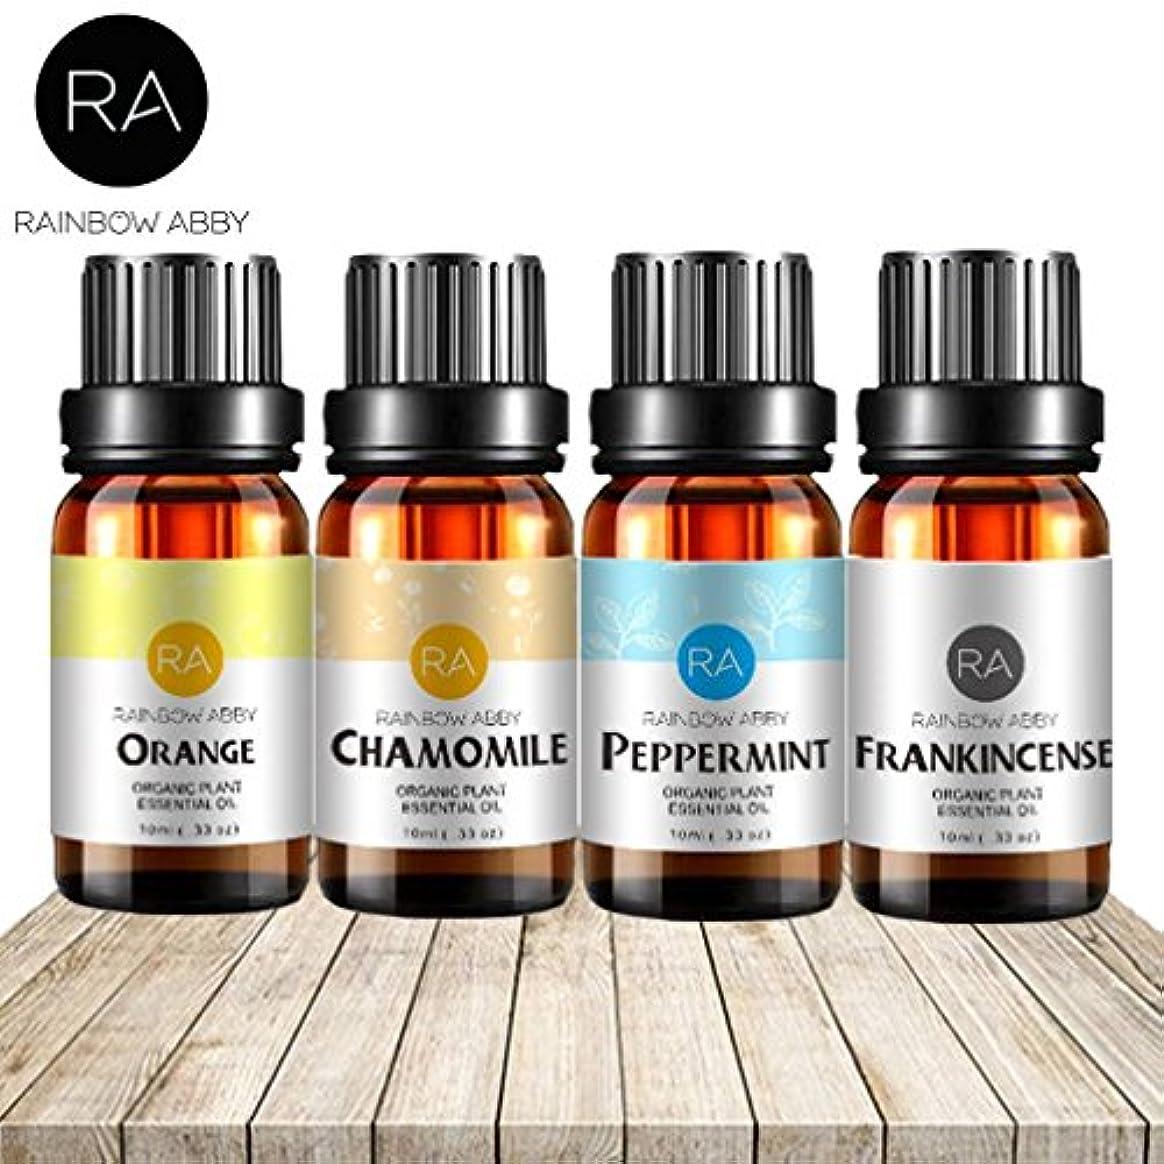 全国美容師アッパーRAINBOW ABBY 最高 治療用 グレード エッセンシャル オイル 4パック バラエティ カモミール、ペパーミント、フランキンセンス、スウィートオレンジ